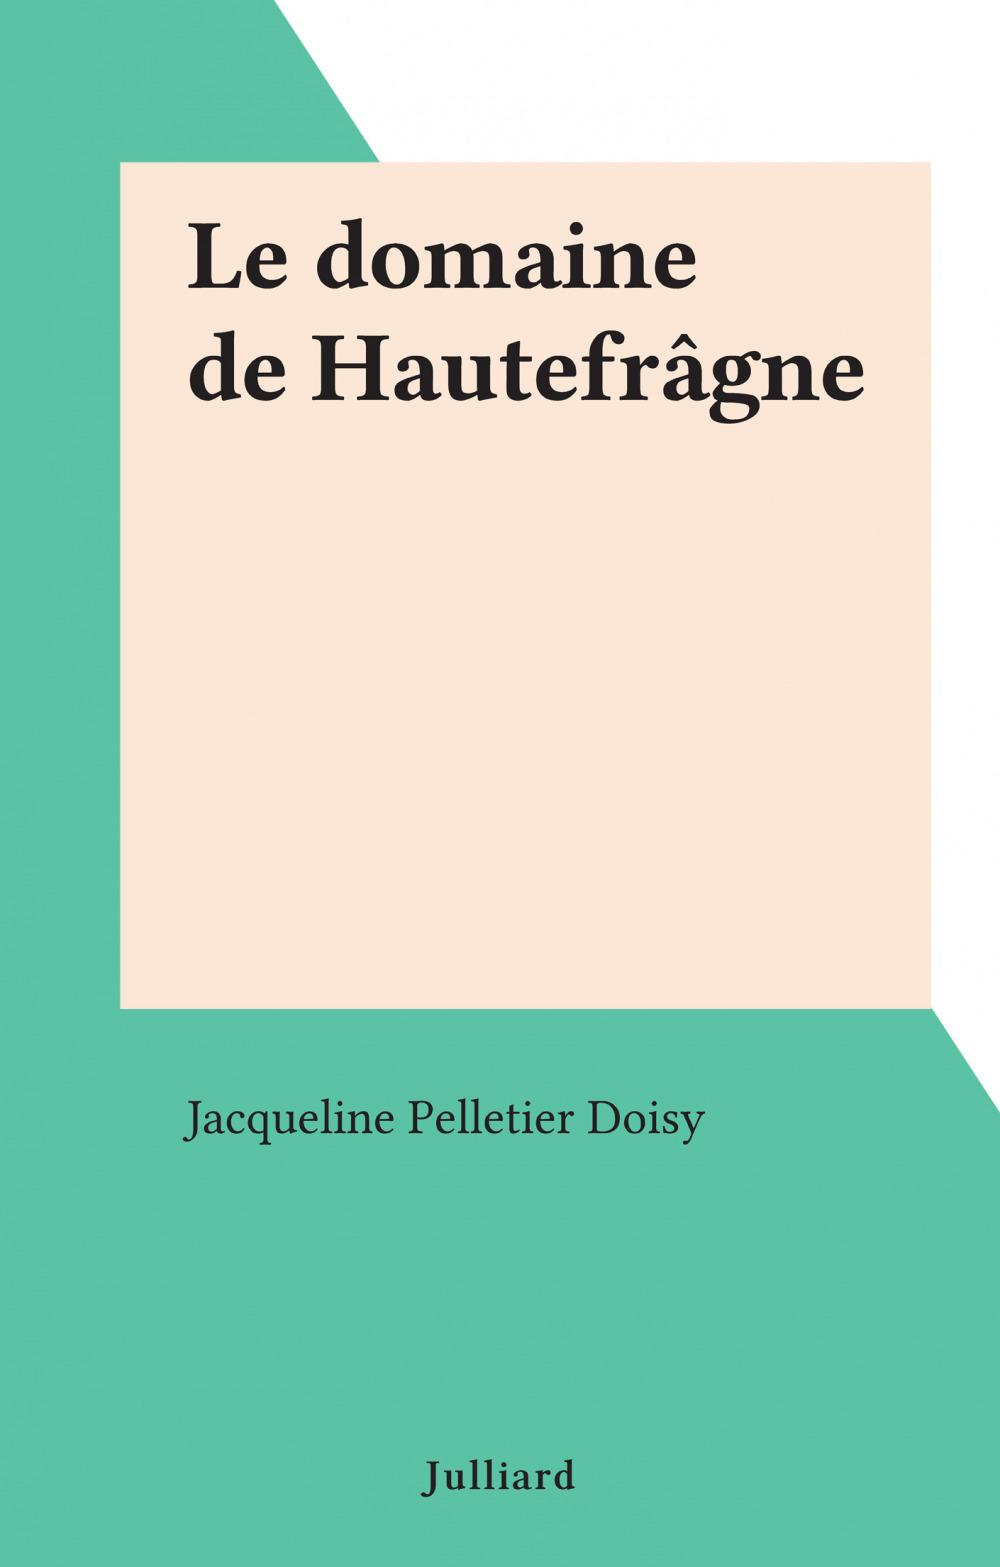 Le domaine de Hautefrâgne  - Jacqueline Pelletier Doisy